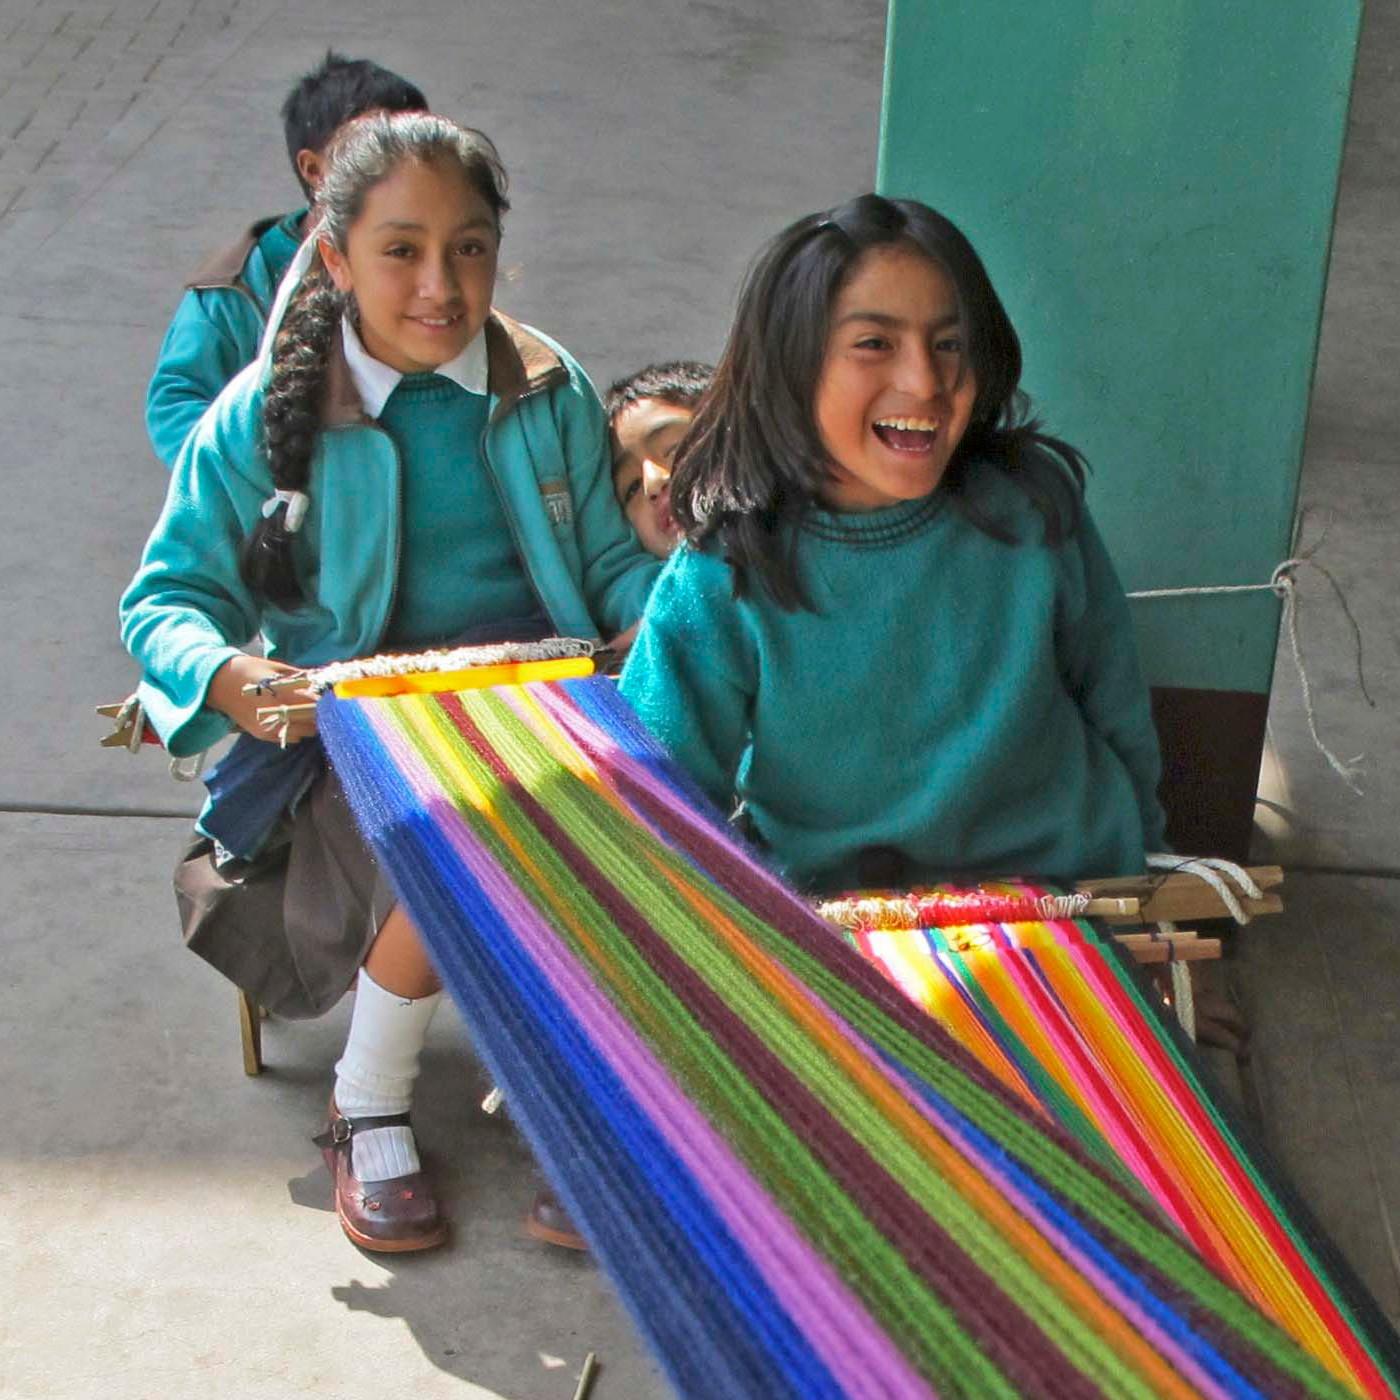 Peruanische Schulkinder beim Weben bunter Stoffe